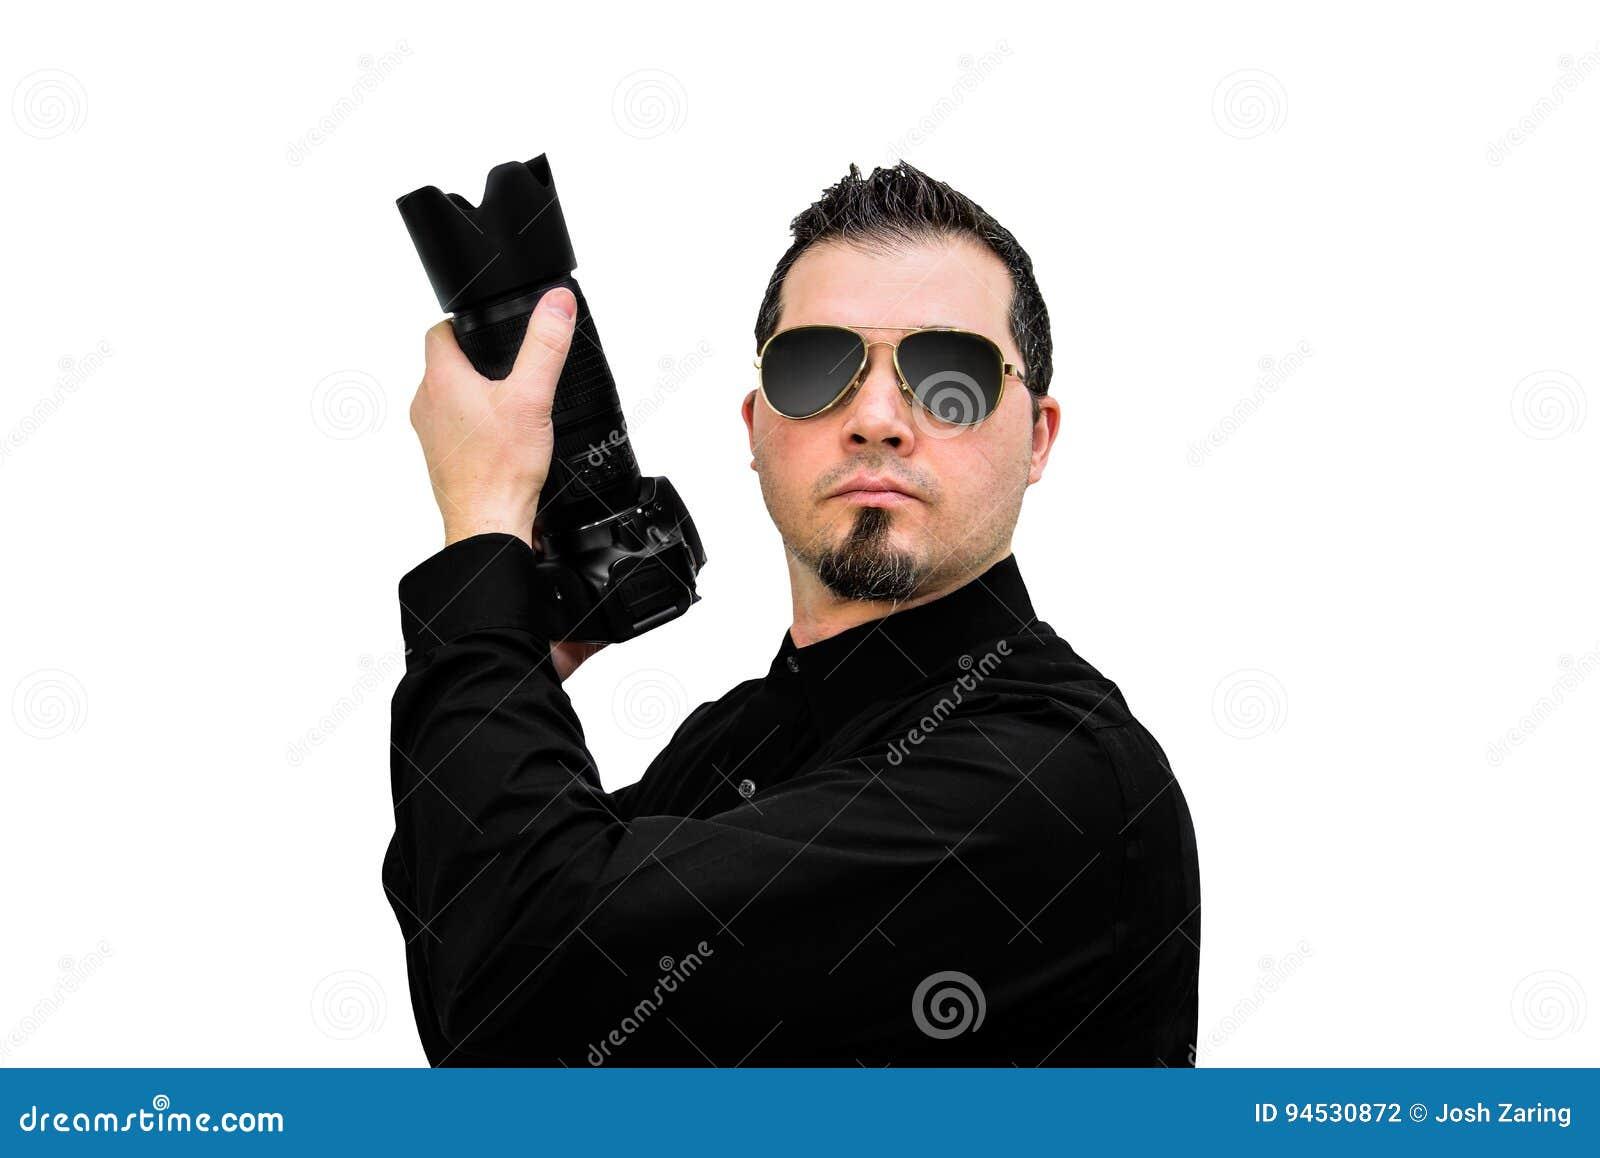 Фотограф как оперативный сотрудник на белом фоне